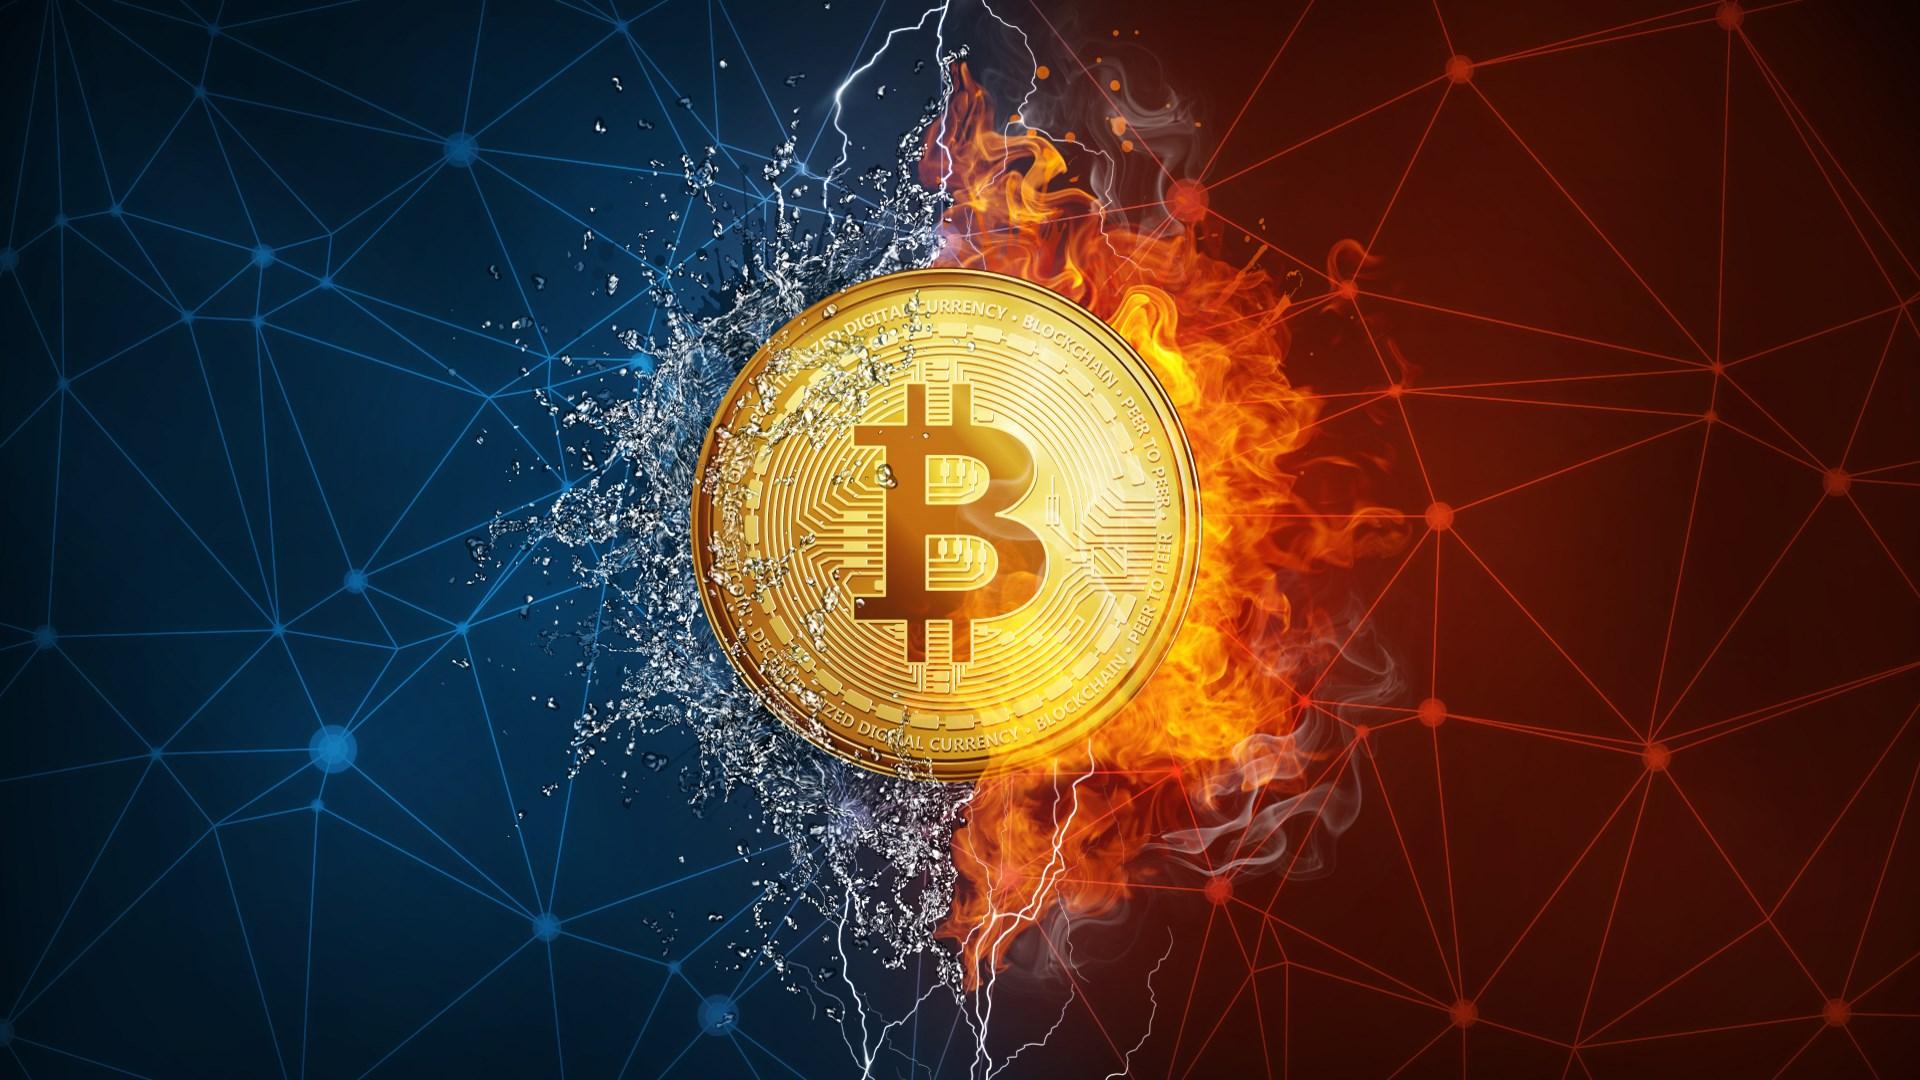 aplicație bitcoin strategii de tranzacționare a opțiunilor binare pe termen lung